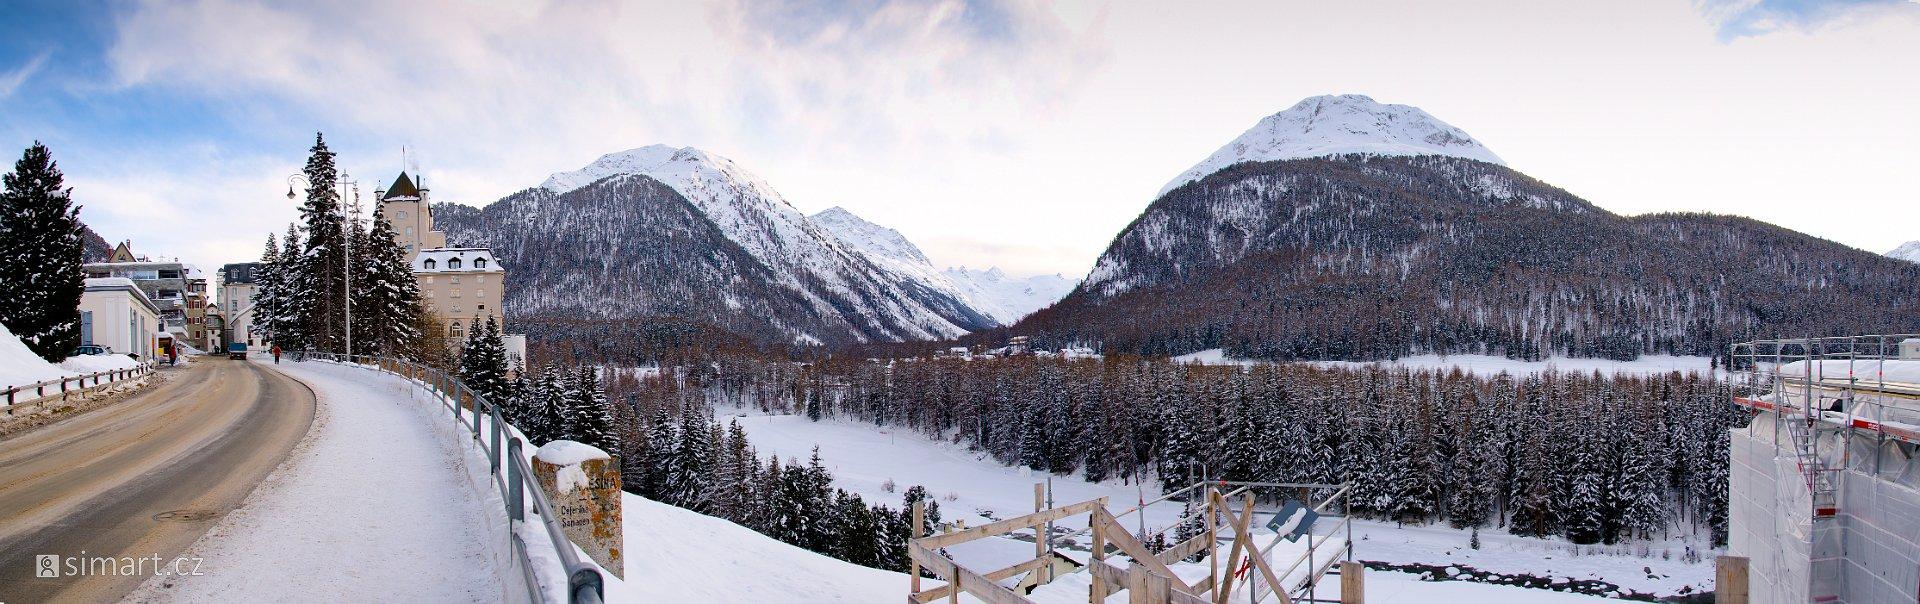 slides/svm_panorama01.jpg Toulky, Panorama svm_panorama01